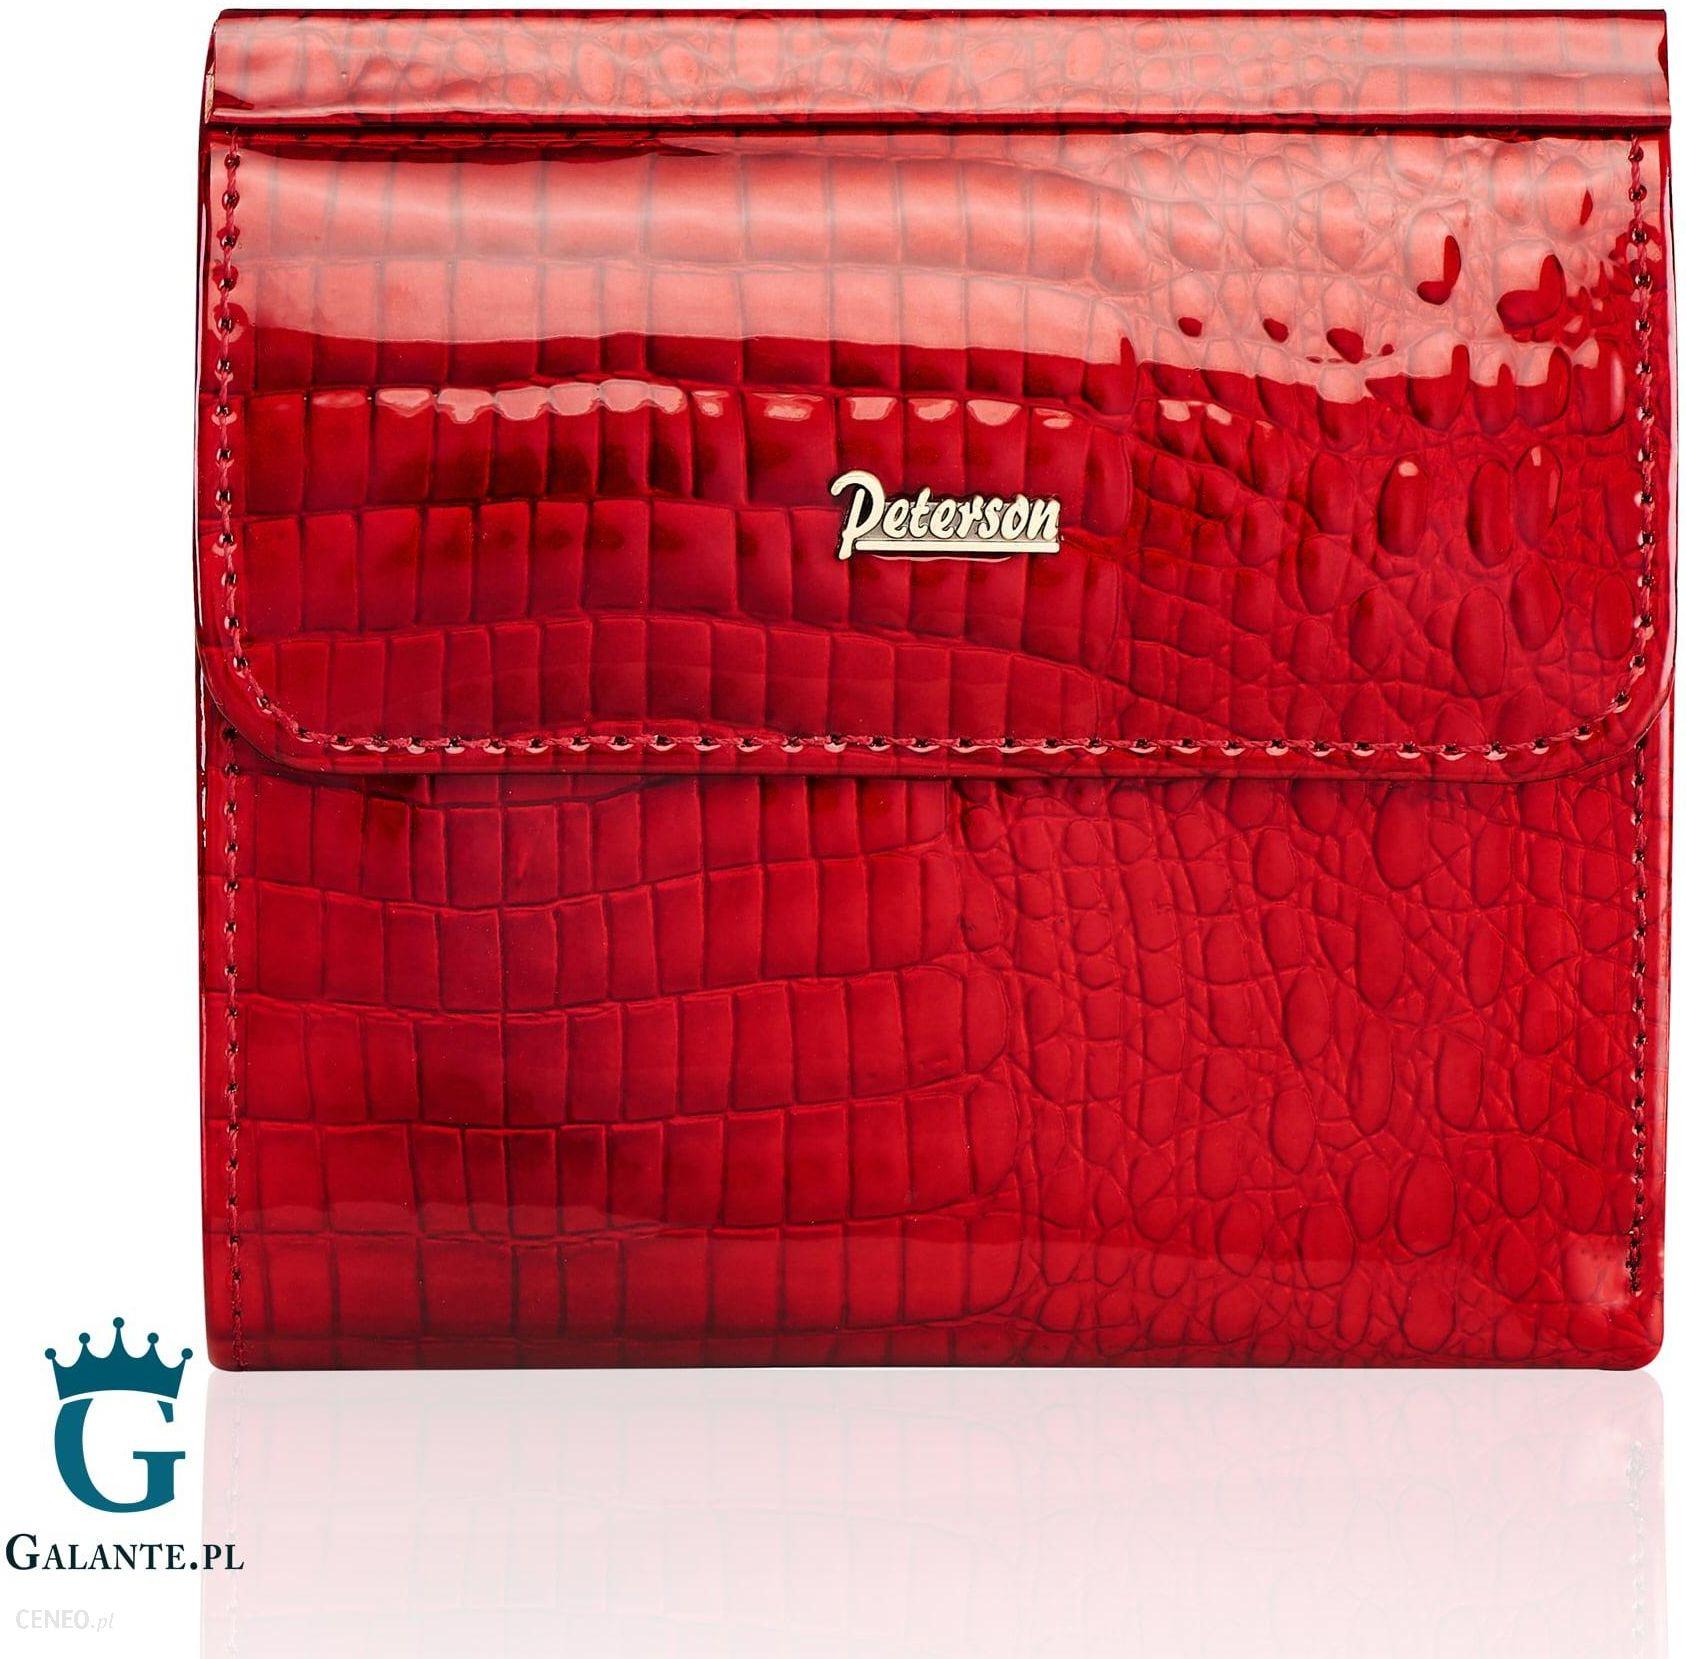 01b18d85f4742 Czerwony Portfel Damski Lakierowany Peterson AE209 Red - Ceny i ...